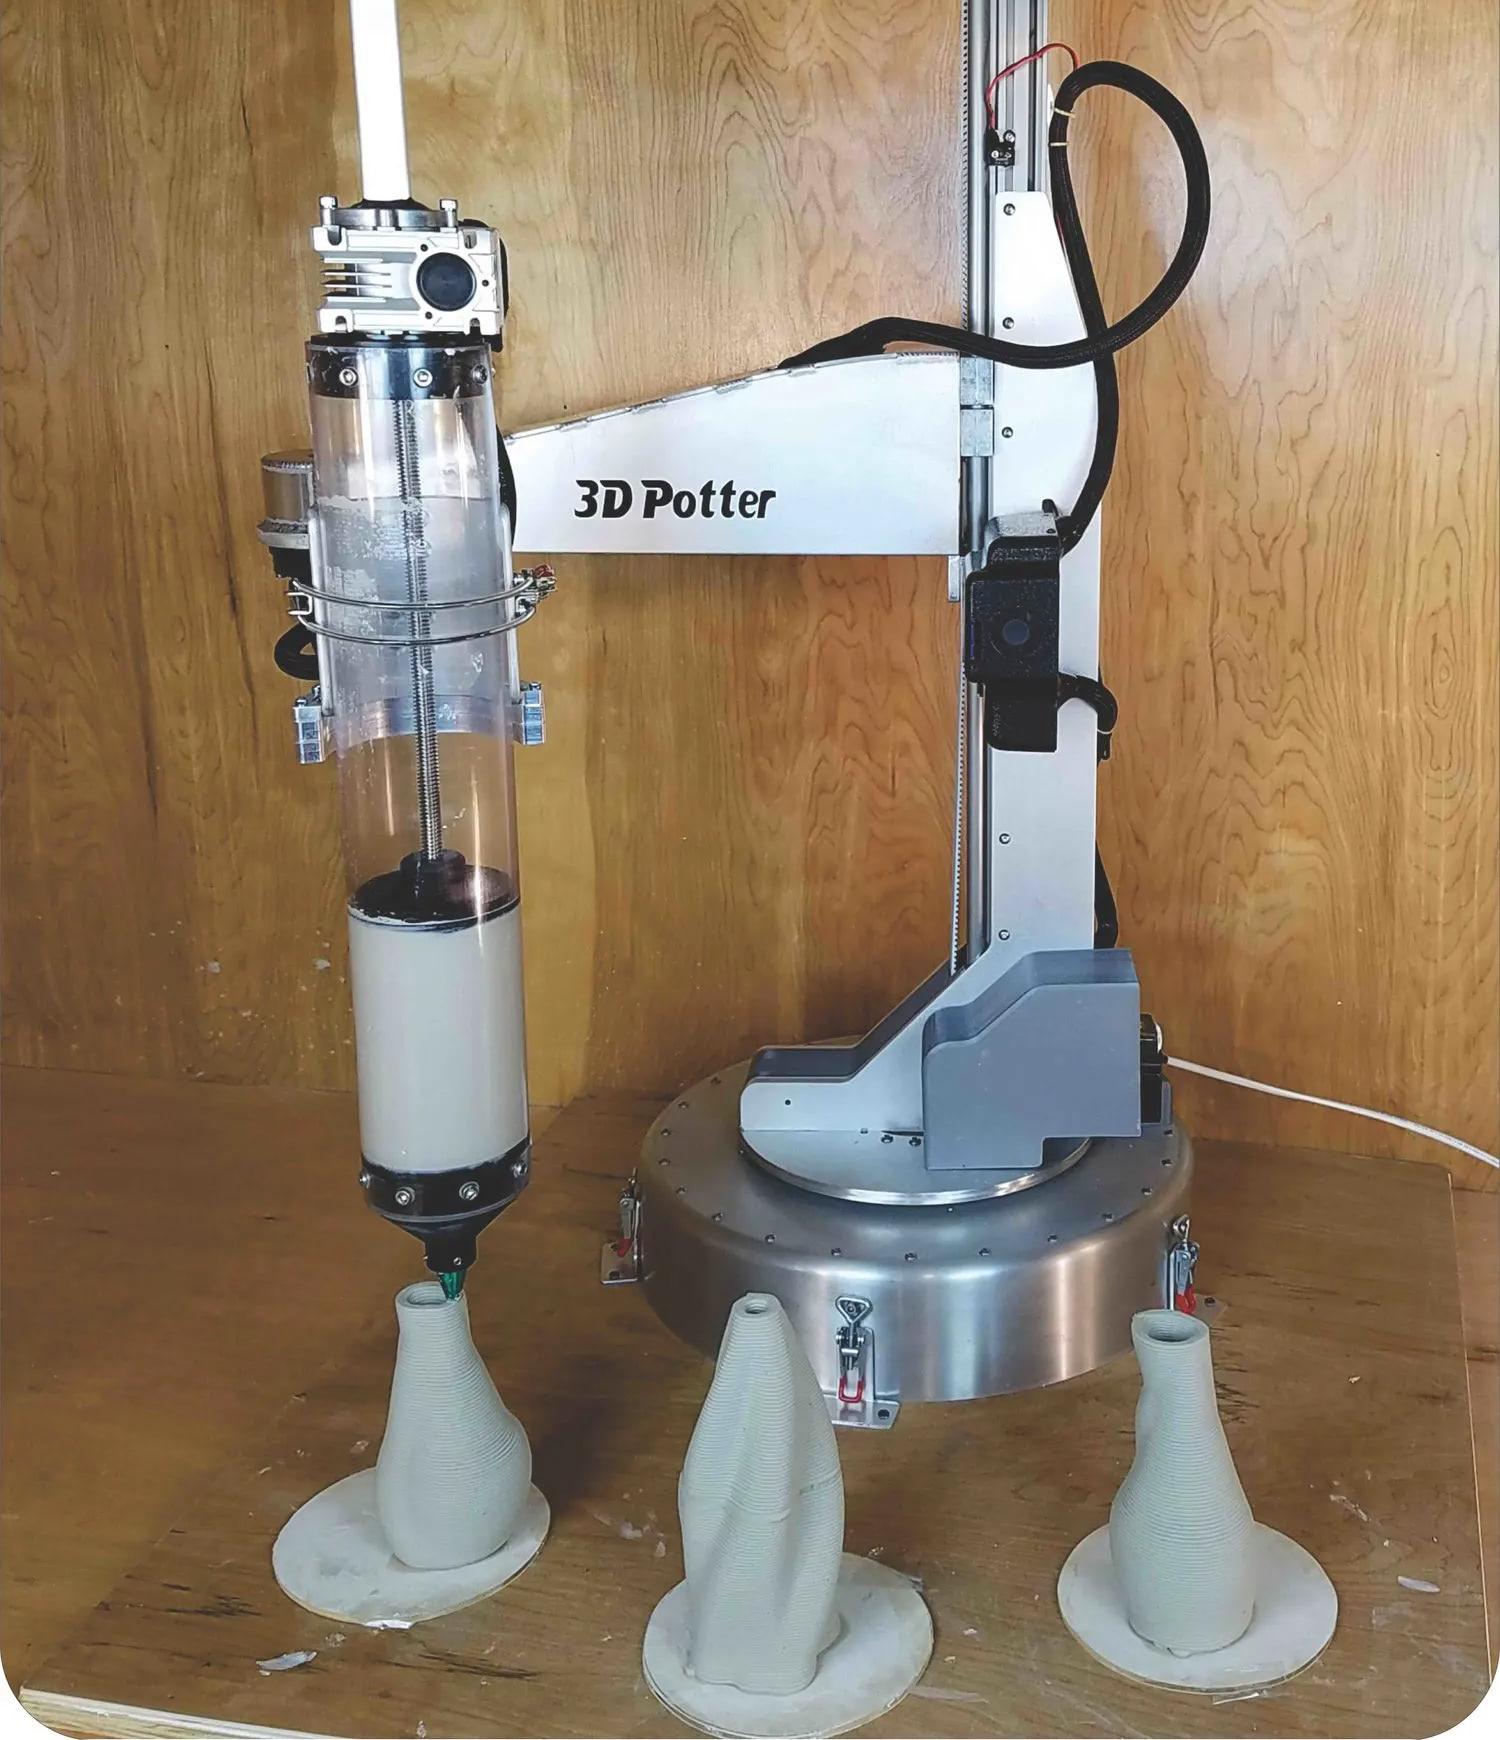 scara v4 3d potterbot ceramic & paste printing